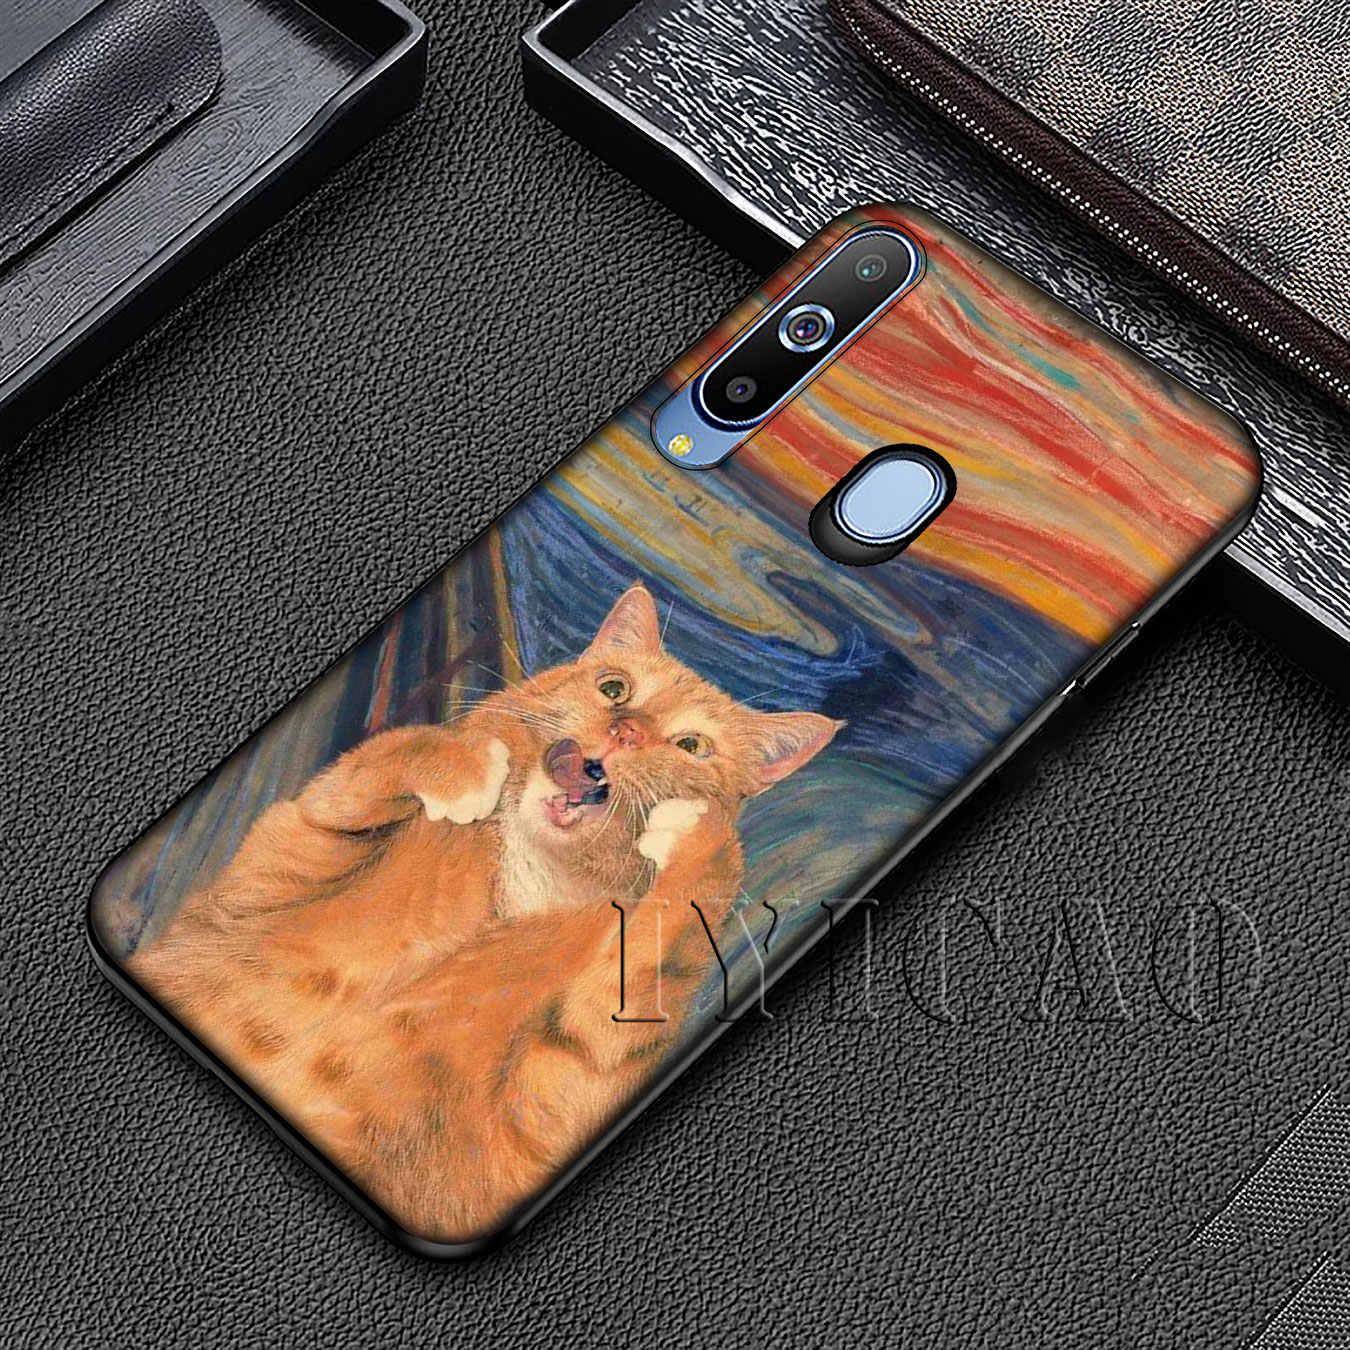 Leonardo Da Vinci Mona Lisa Mèo David Đại Van Gogh Ốp Lưng Dành Cho Samsung Galaxy Samsung Galaxy A70 A60 A50 A40 A30 A20 a10 A50S A30S A20E A70S